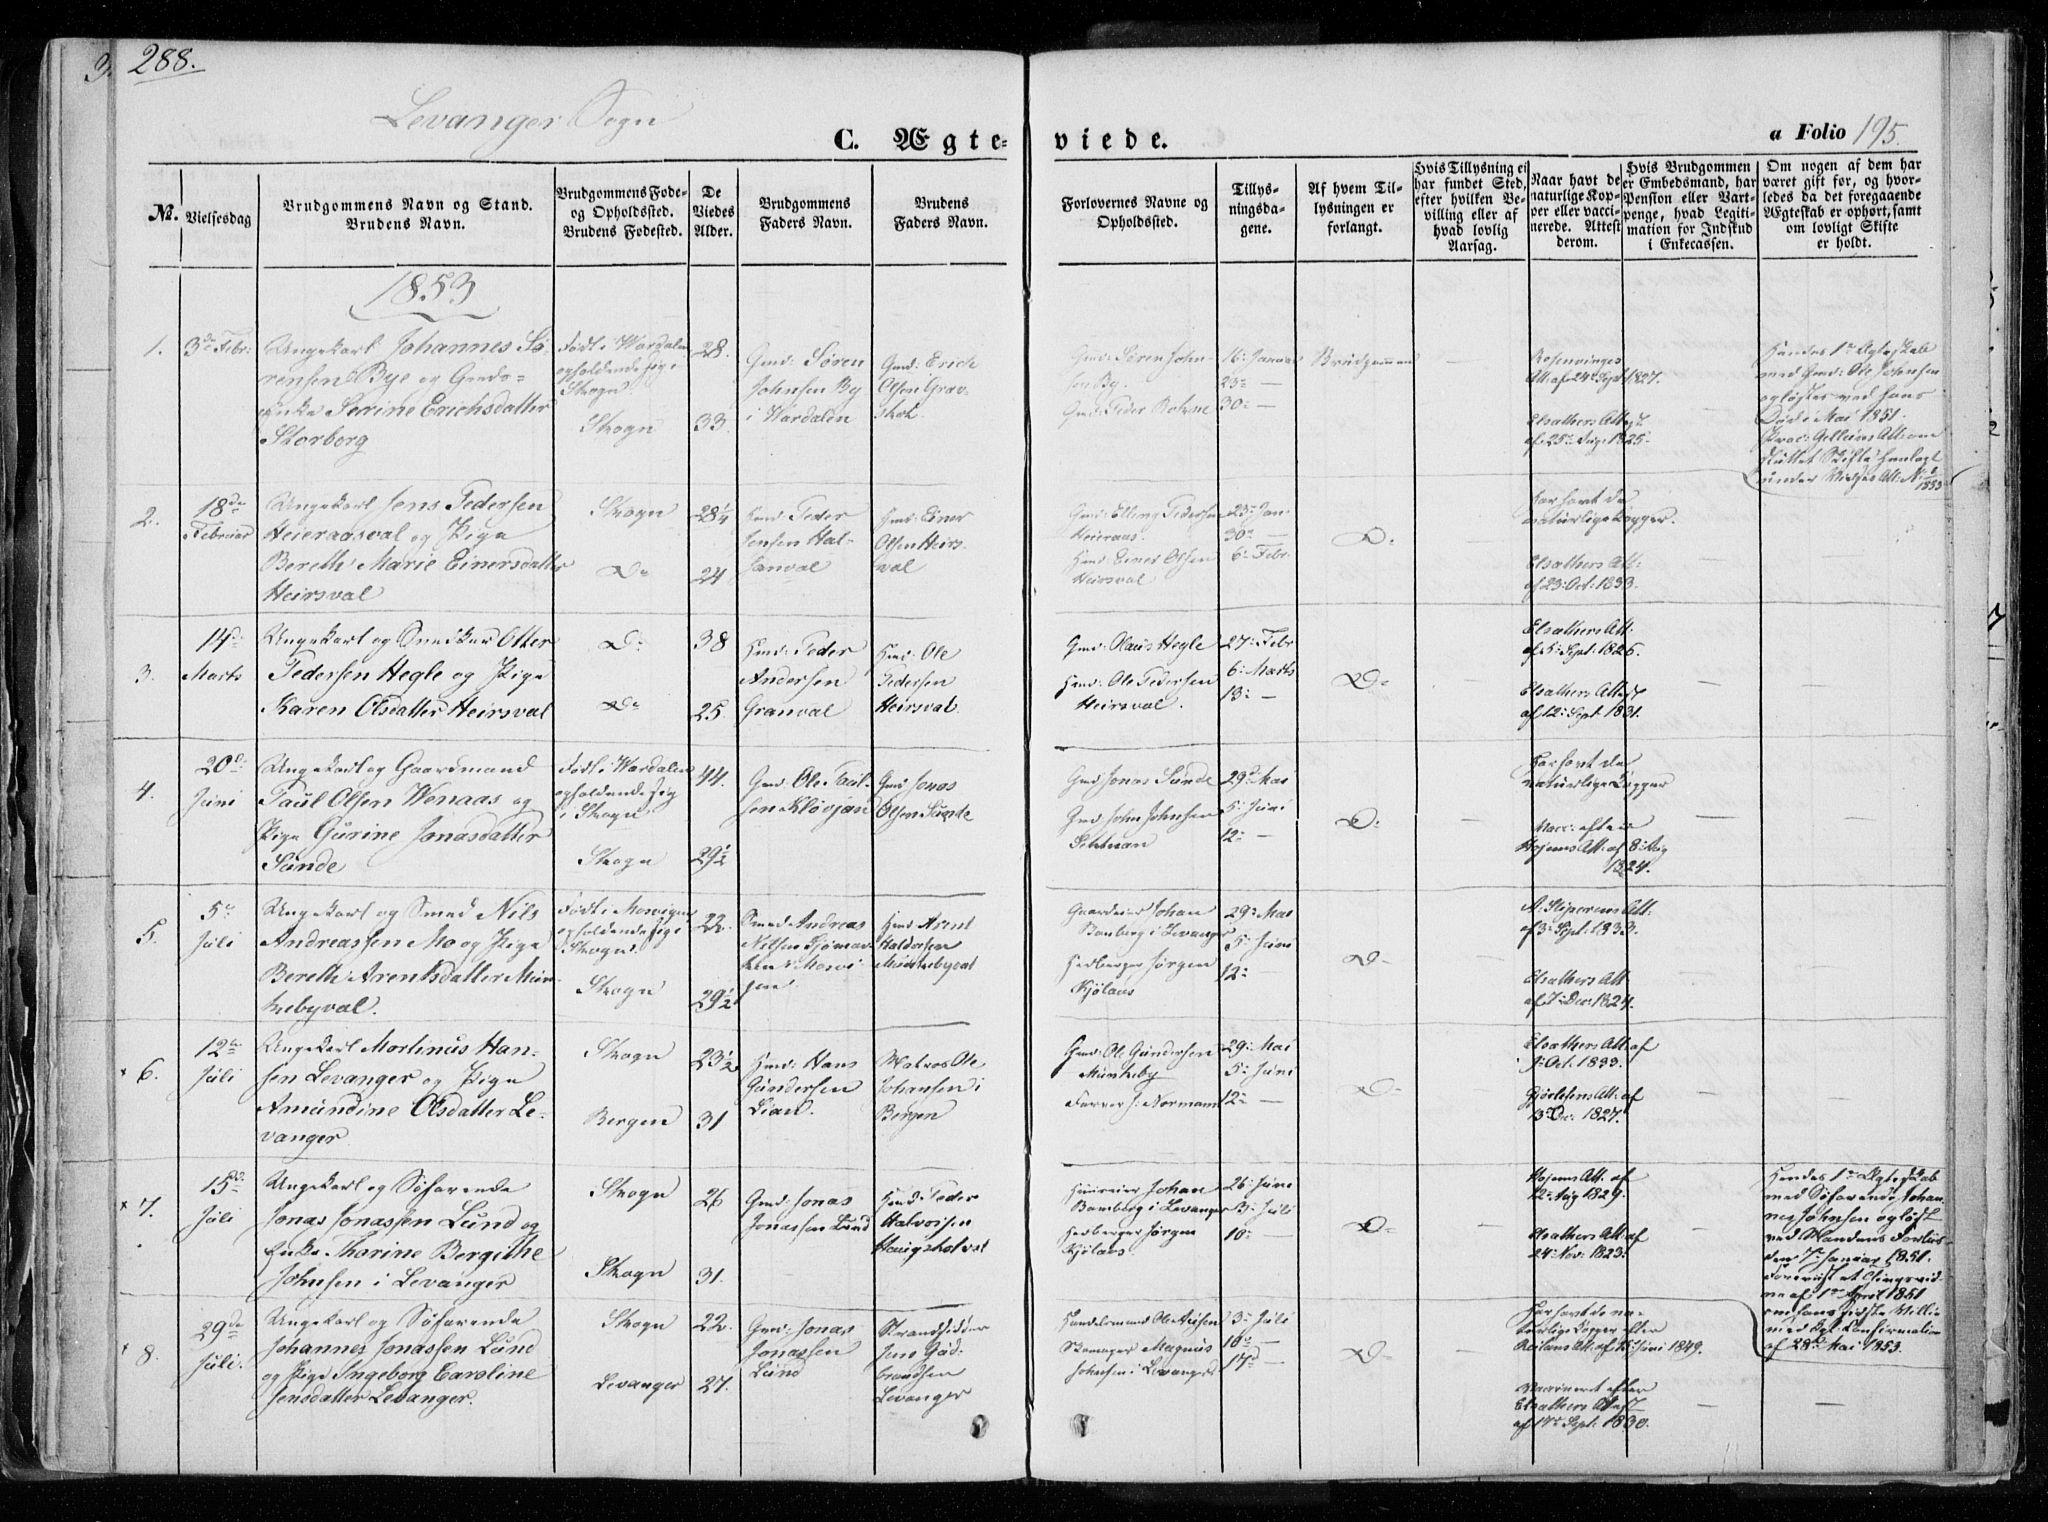 SAT, Ministerialprotokoller, klokkerbøker og fødselsregistre - Nord-Trøndelag, 720/L0183: Ministerialbok nr. 720A01, 1836-1855, s. 195